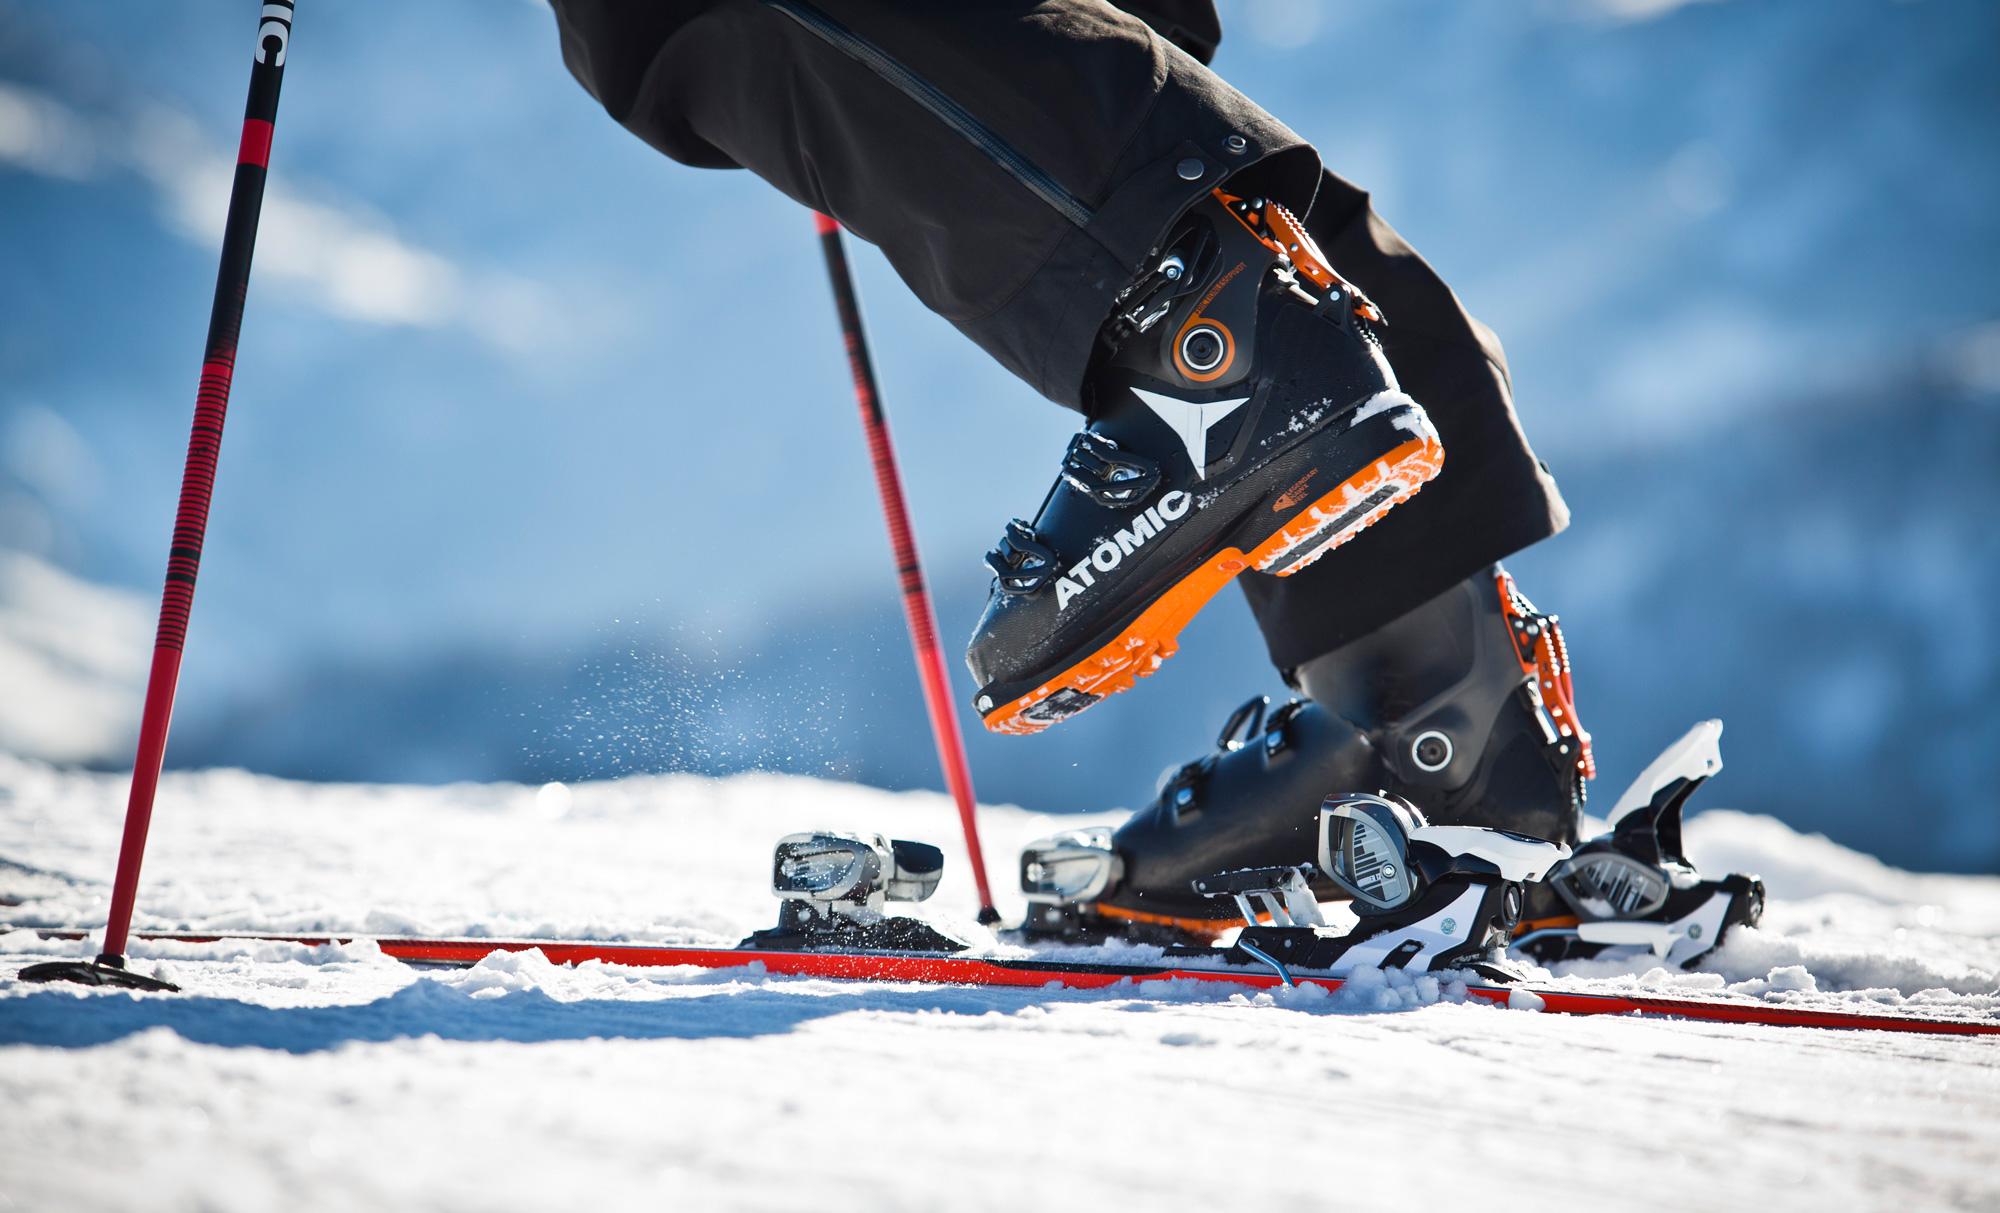 Einsteigen in Alpinbindung